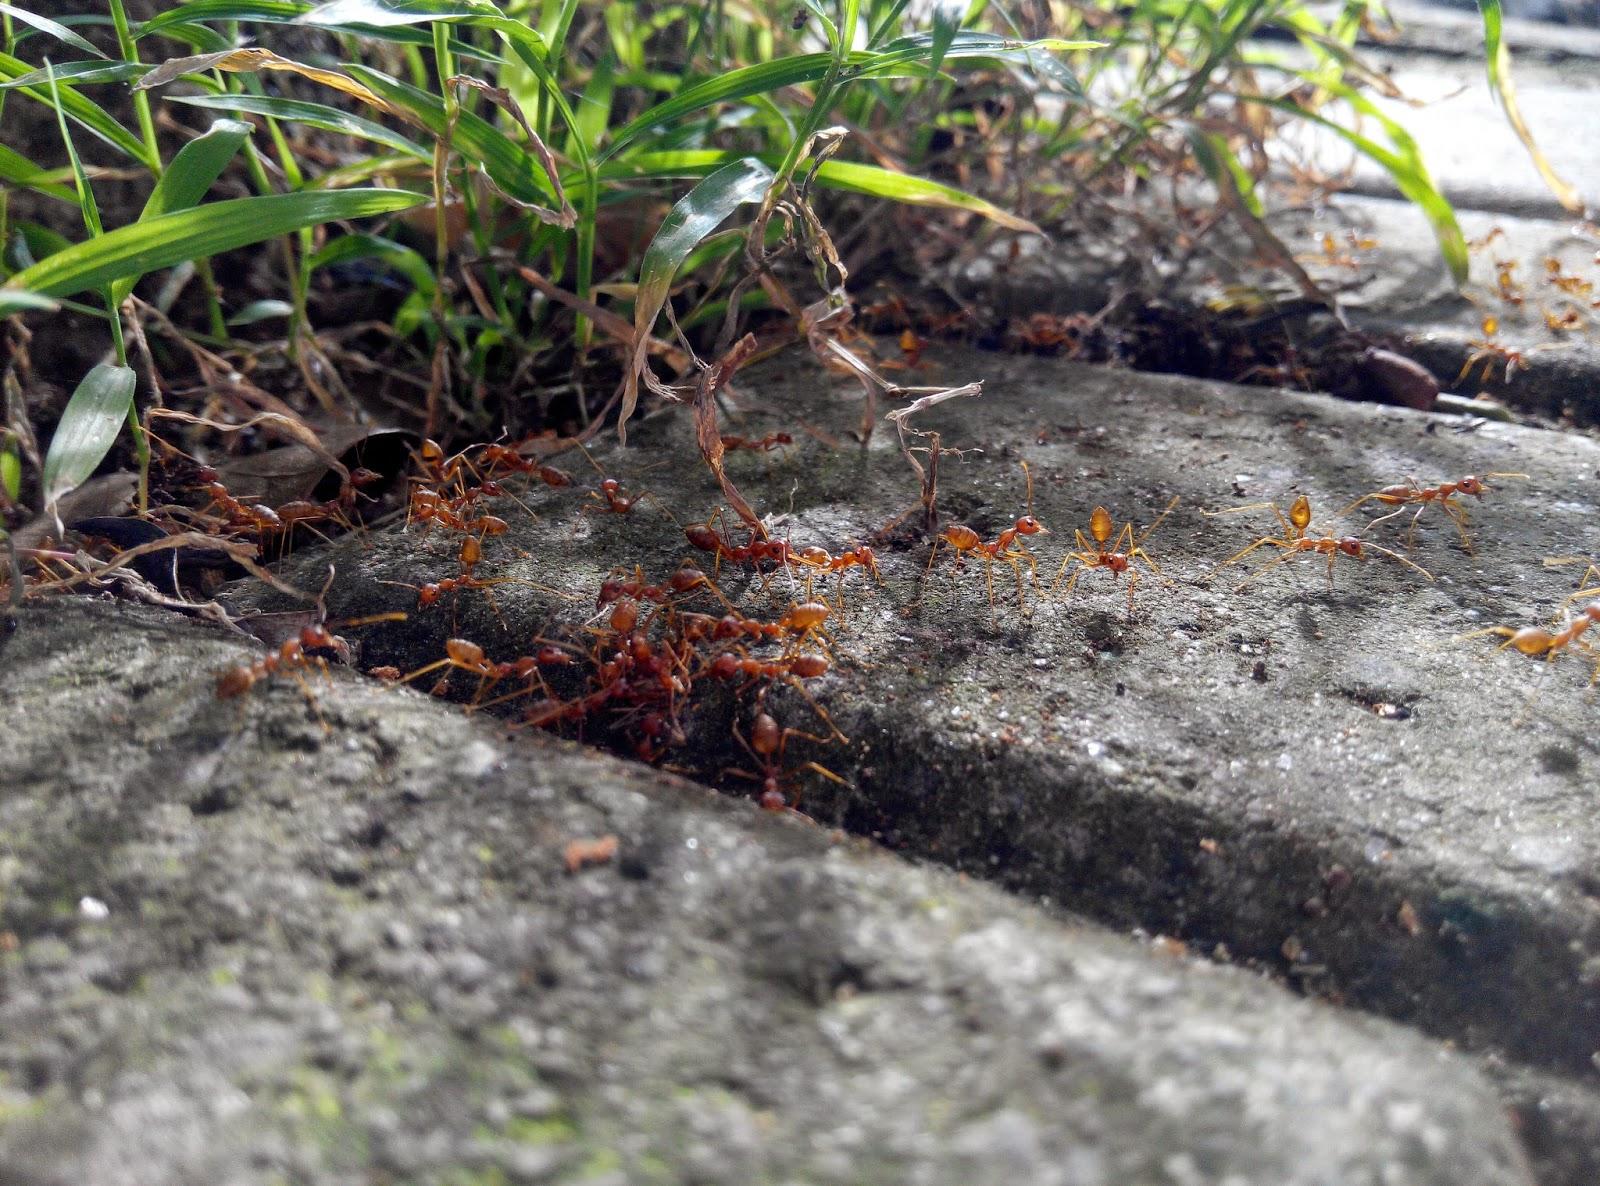 Semut Rangrang Penghasil Kroto